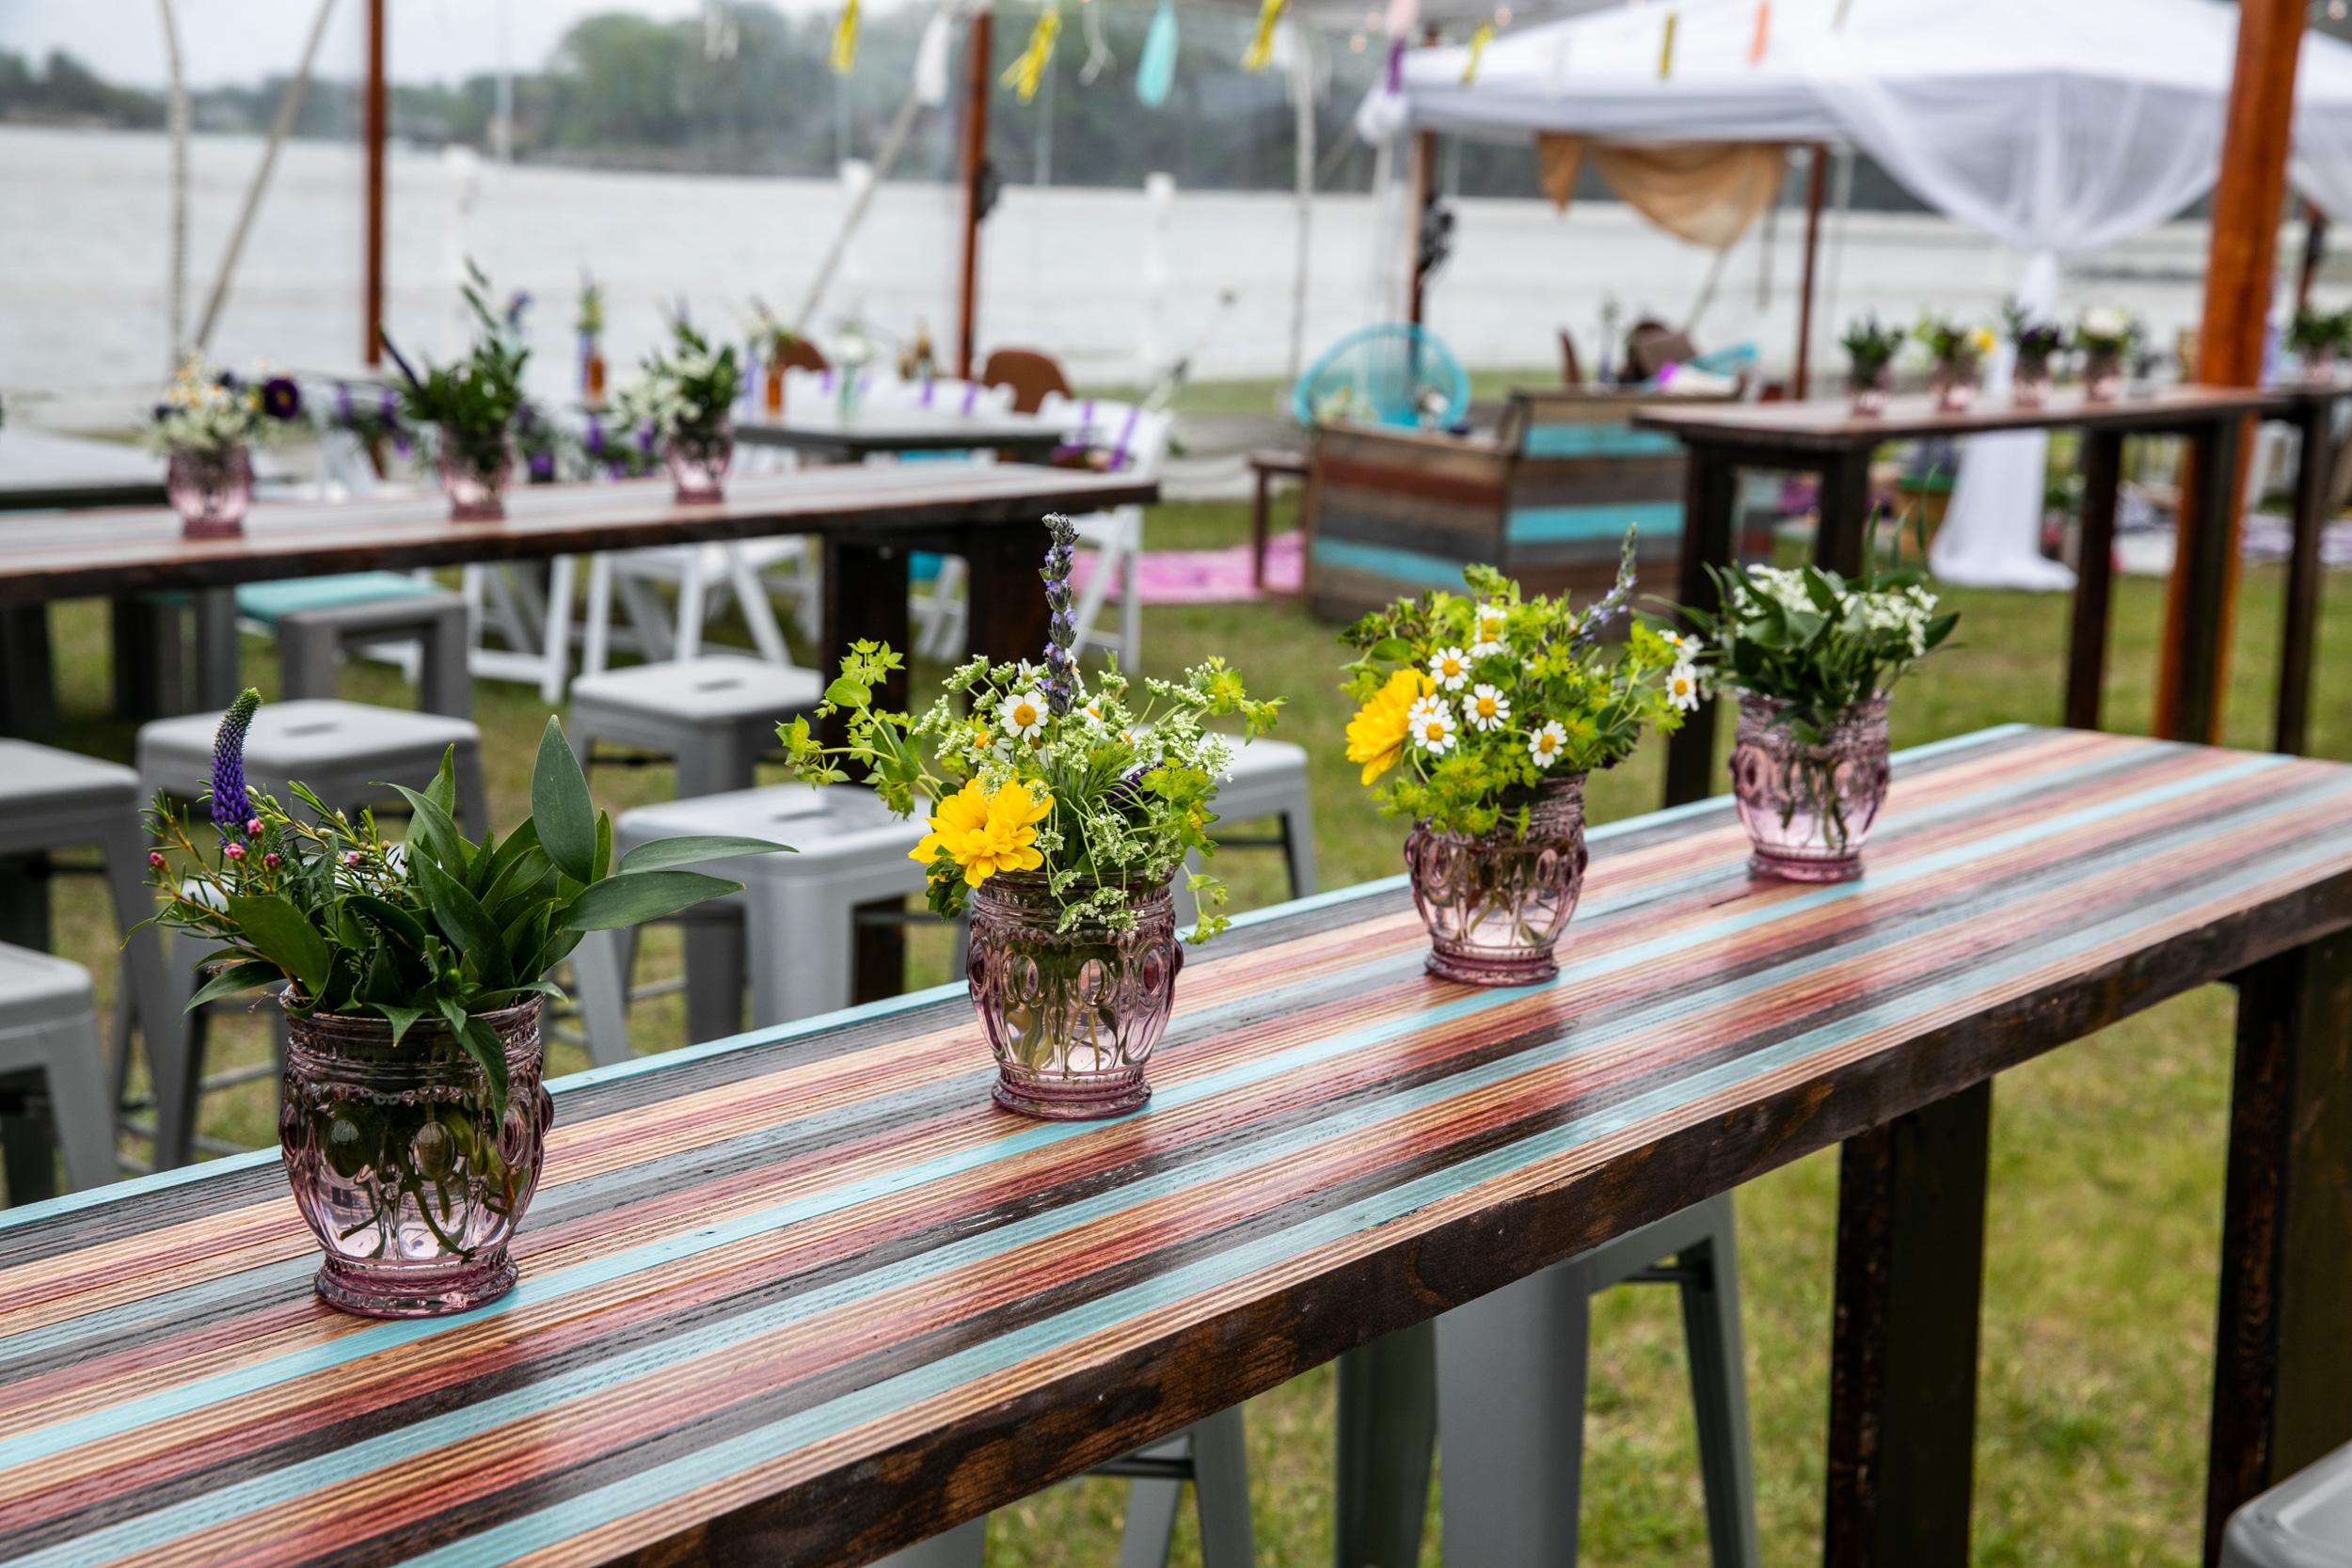 Coachella_Graduation_Party_Malloy_Events_Production_floral